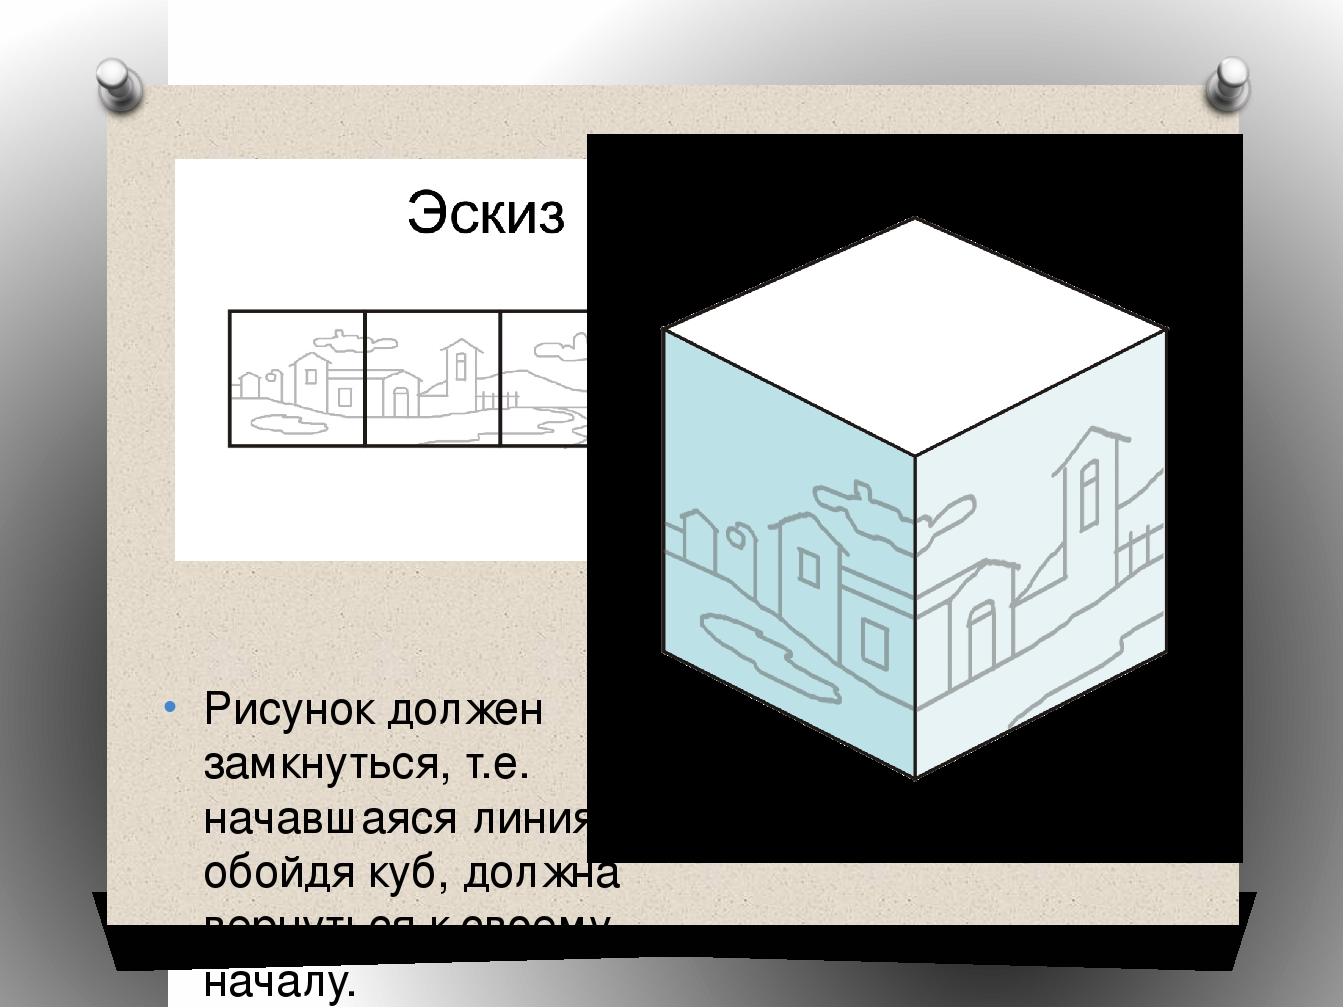 Рисунок должен замкнуться, т.е. начавшаяся линия, обойдя куб, должна вернутьс...